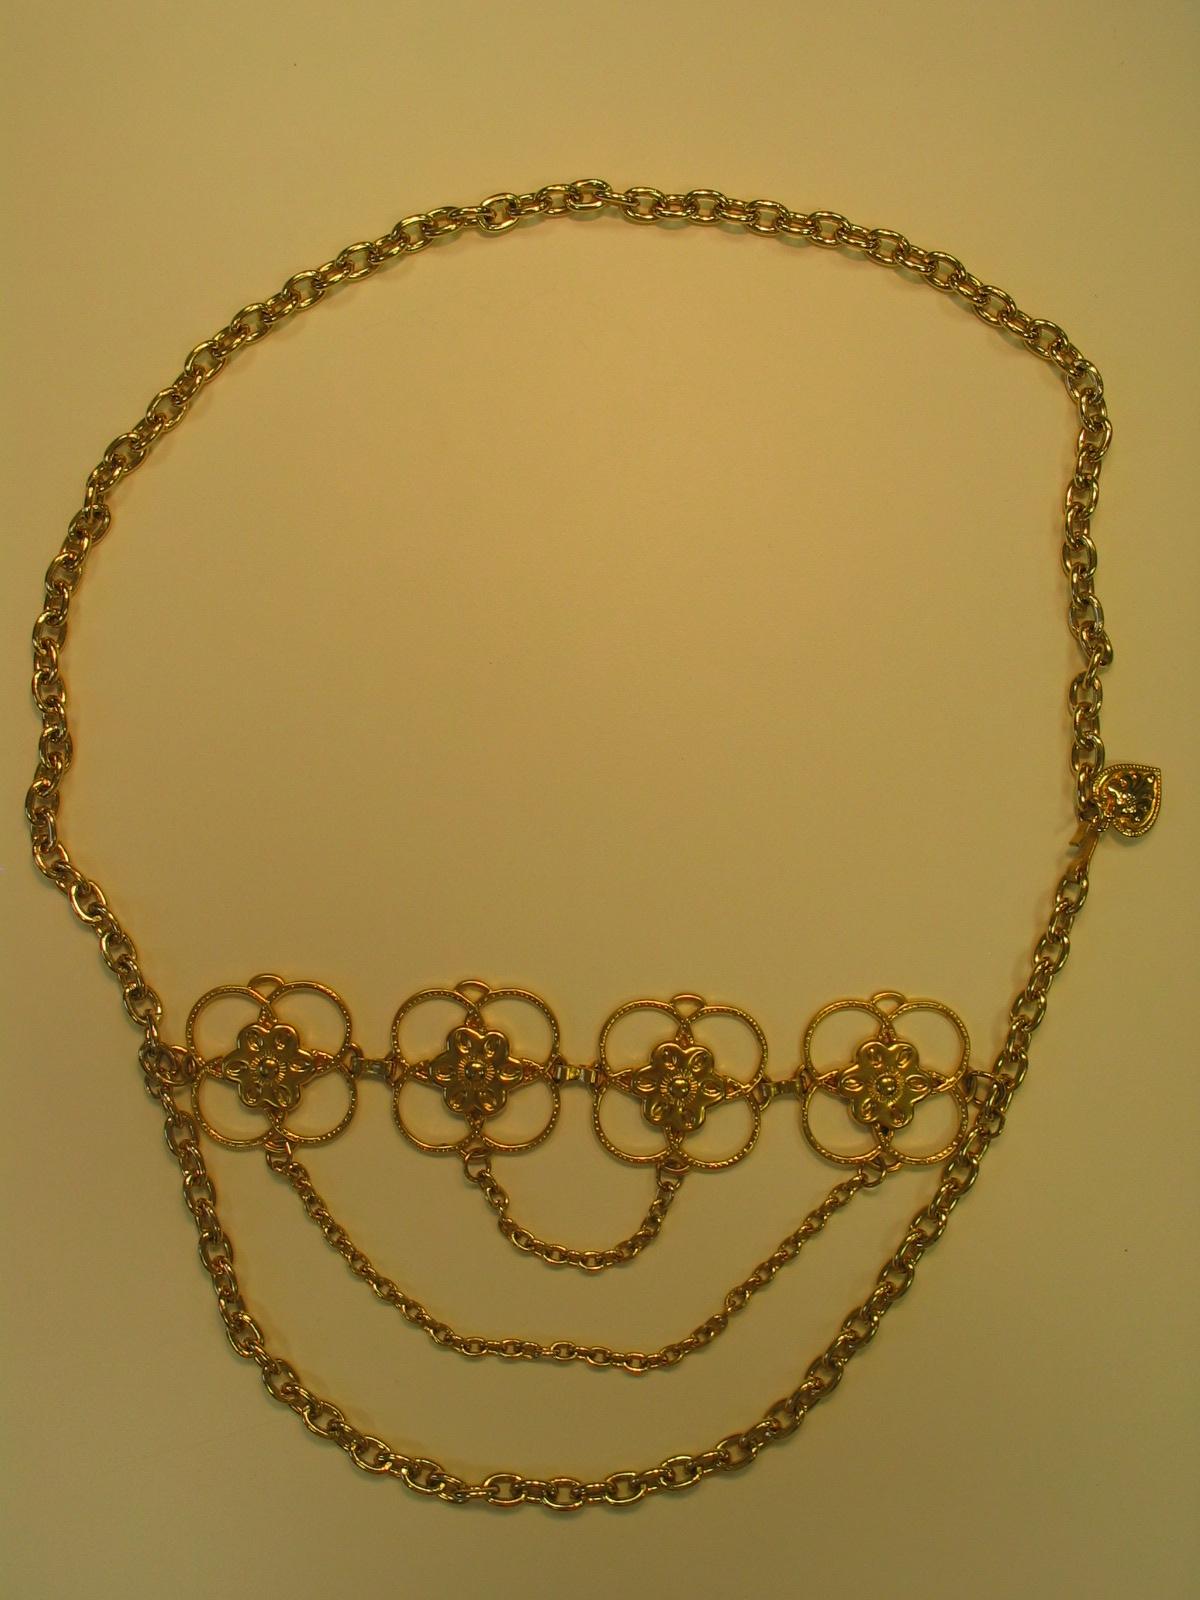 Cadena de bisutería dorada con colgantes para cintura y vientre y corazón en el extremo